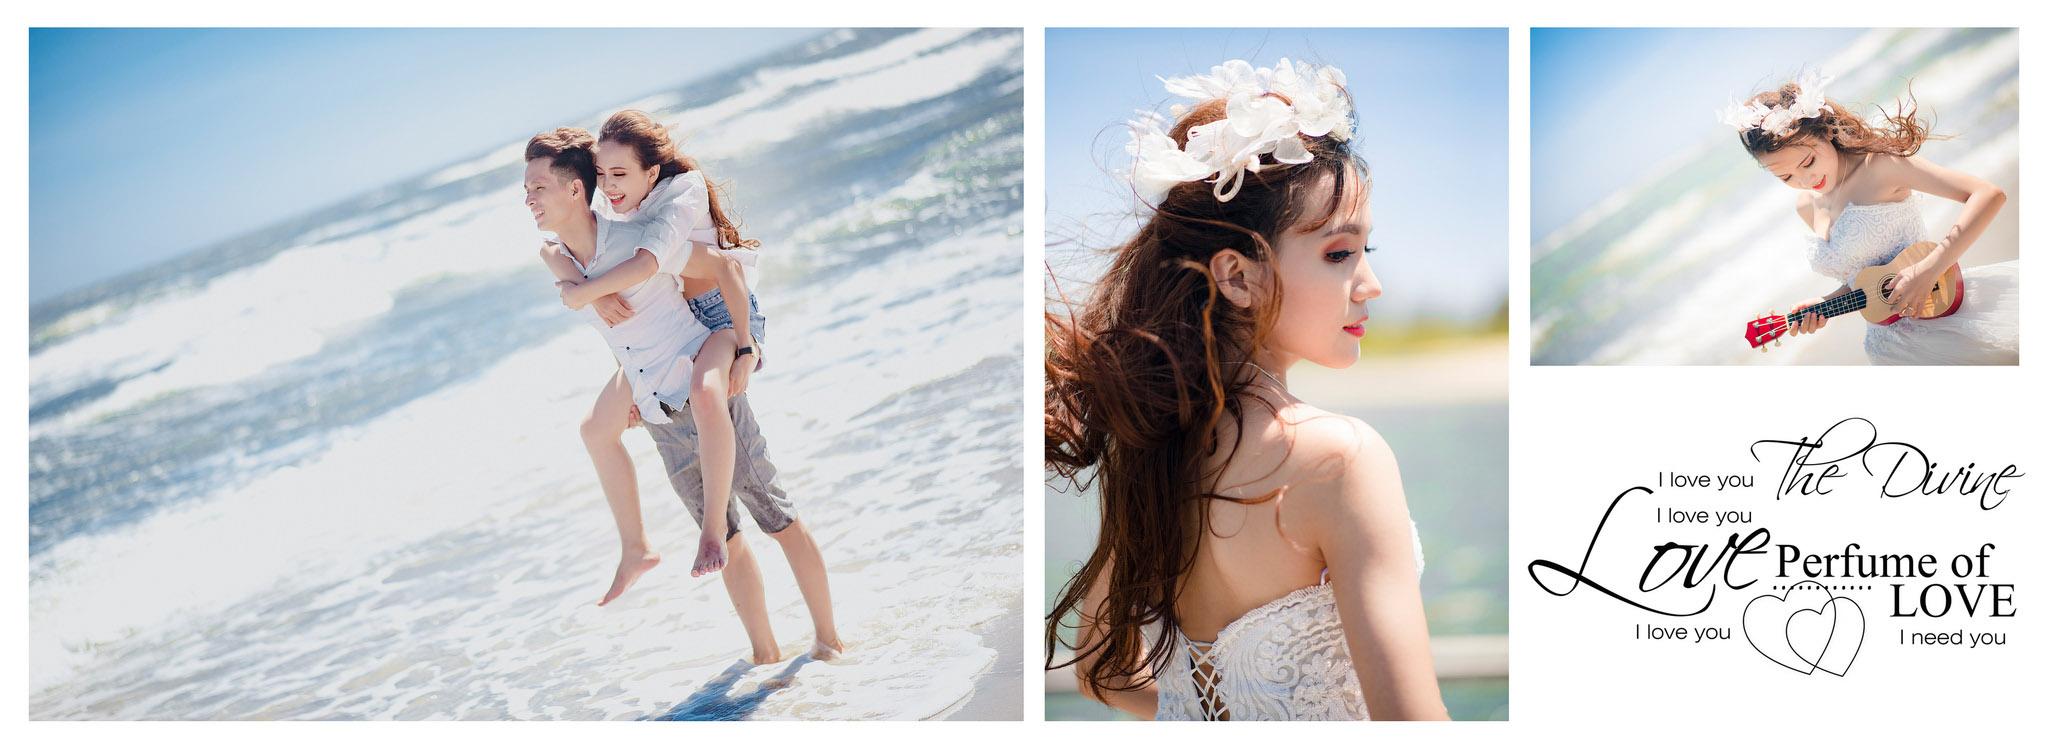 Album ảnh cưới đẹp tại Hồ Cốc Vũng Tàu